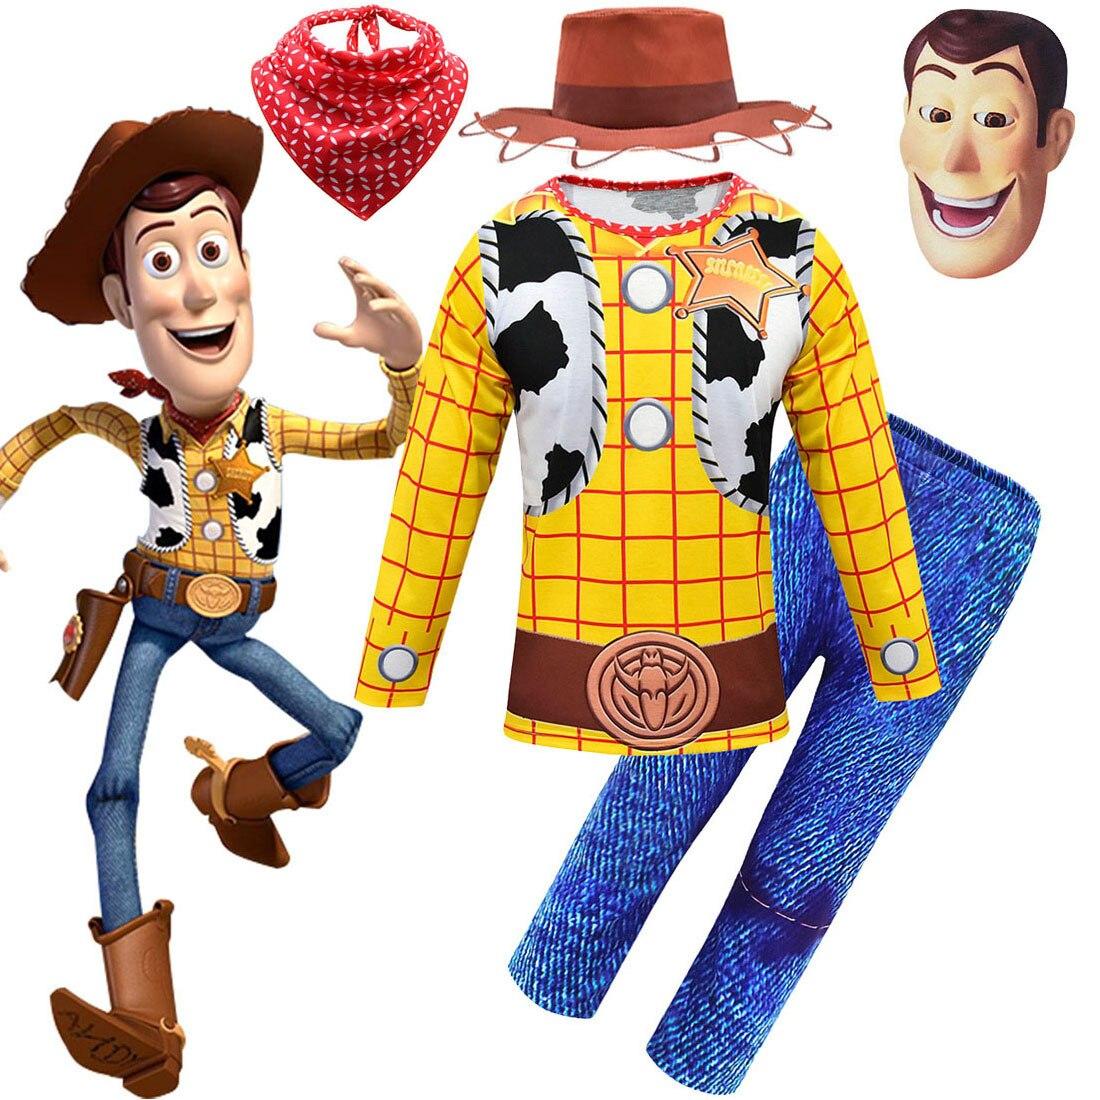 Spielzeug Geschichte 4 Woody Halloween Kostüme für Jungen Cosplay Karneval Kleidung Sets Kinder Kinder Party Kostüm Kleinkind Outfit für Jungen